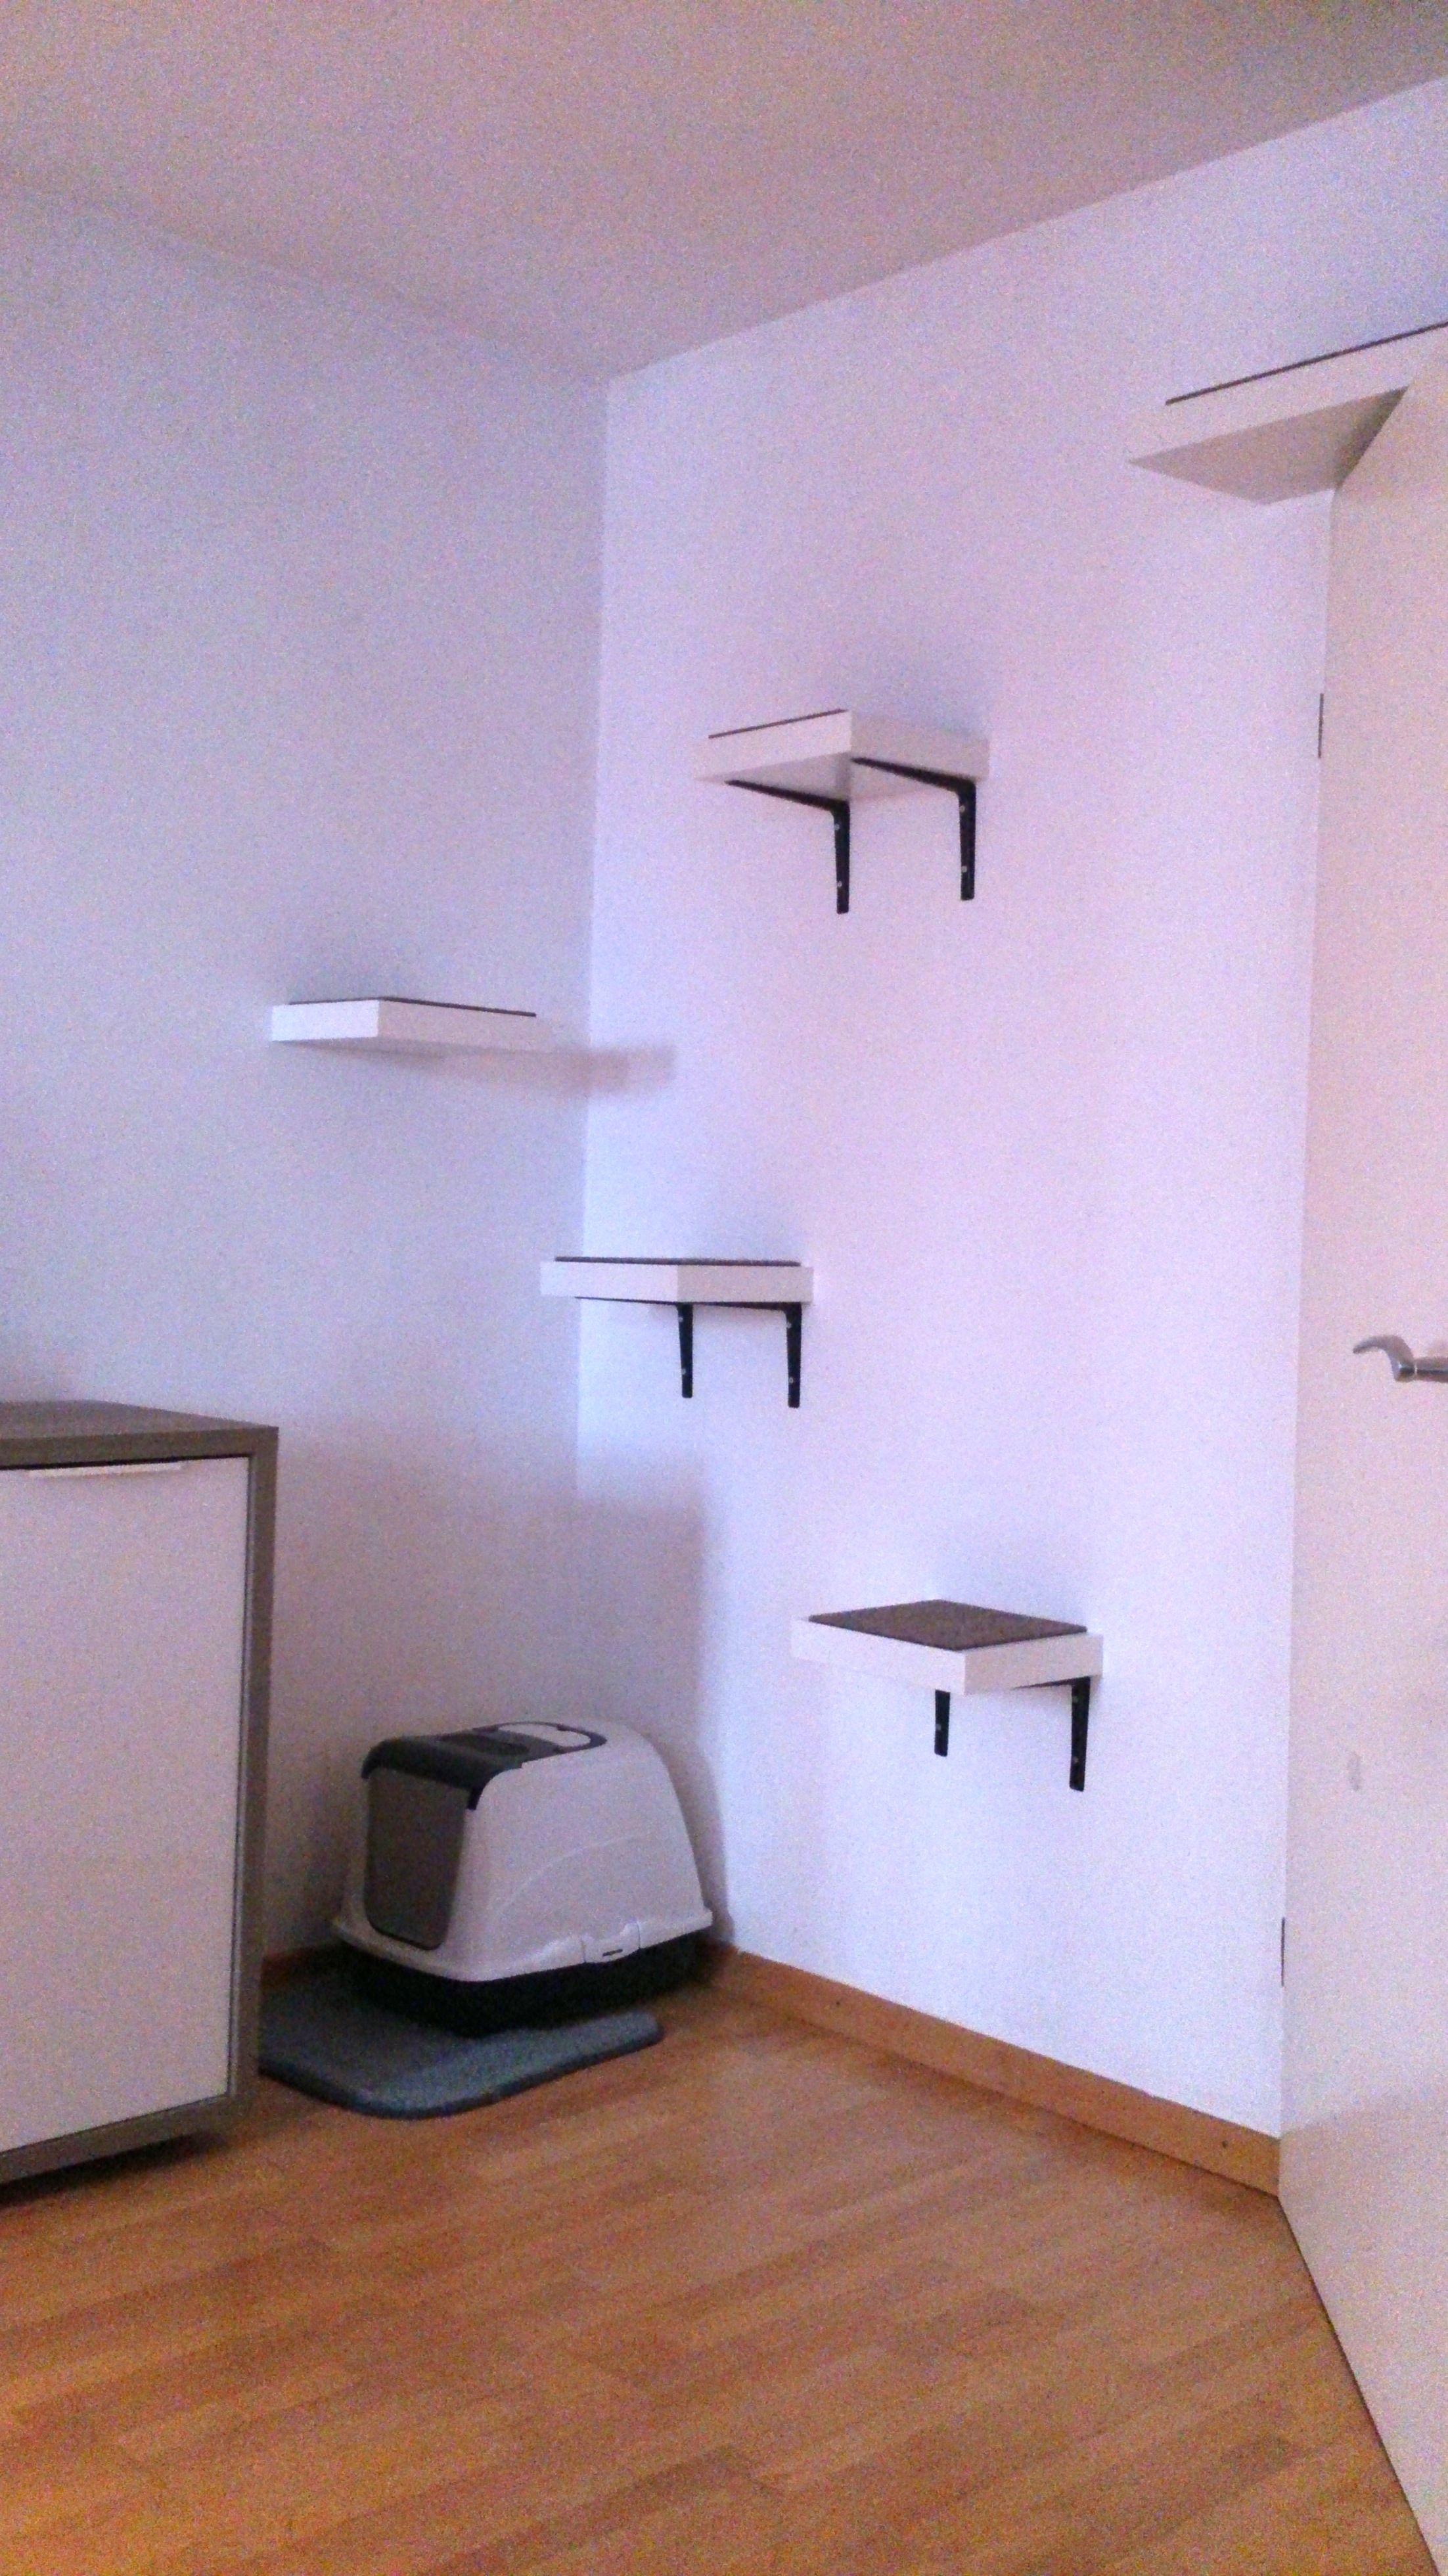 bildergebnis f r wandkratzbaum selber bauen katzen. Black Bedroom Furniture Sets. Home Design Ideas